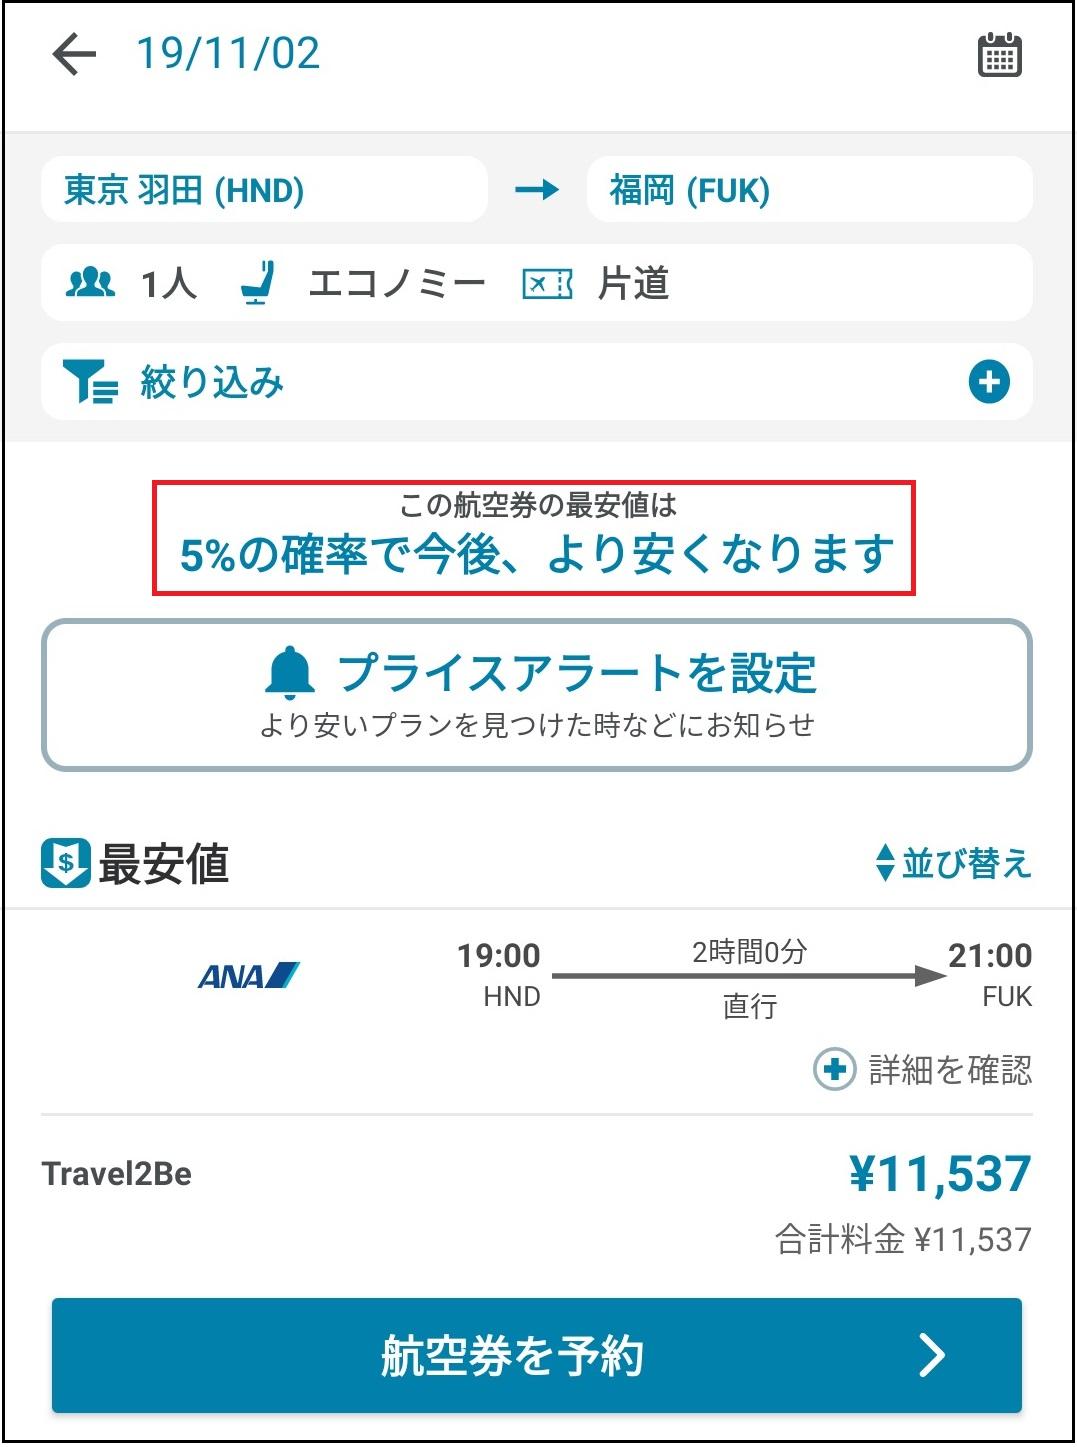 航空券がさらに安くなる確率は5%